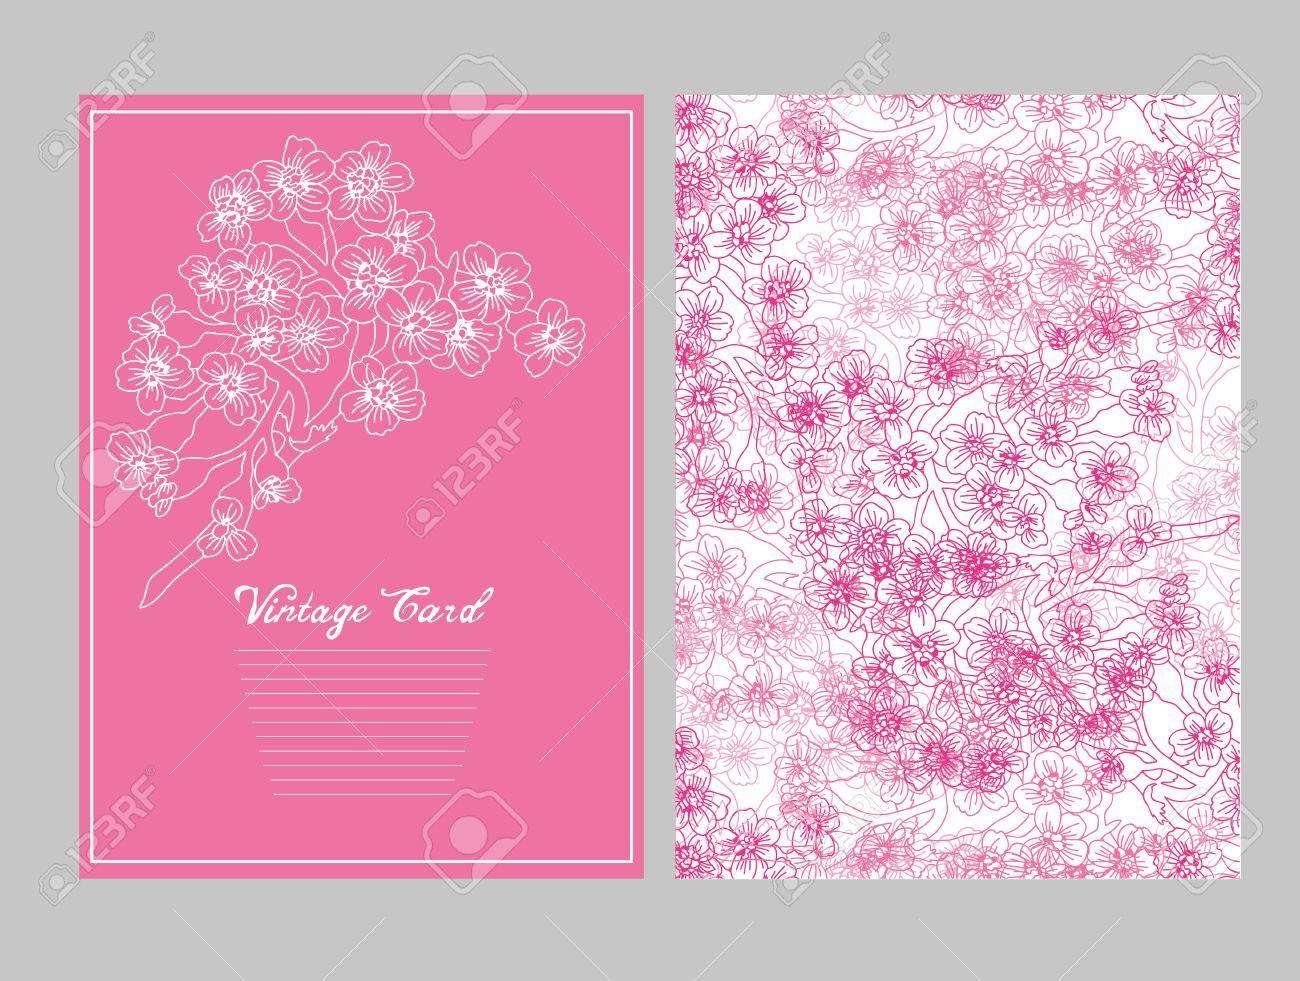 Tarjeta Elegante Con Flores De Cerezo, Elemento De Diseño. Puede Ser ...